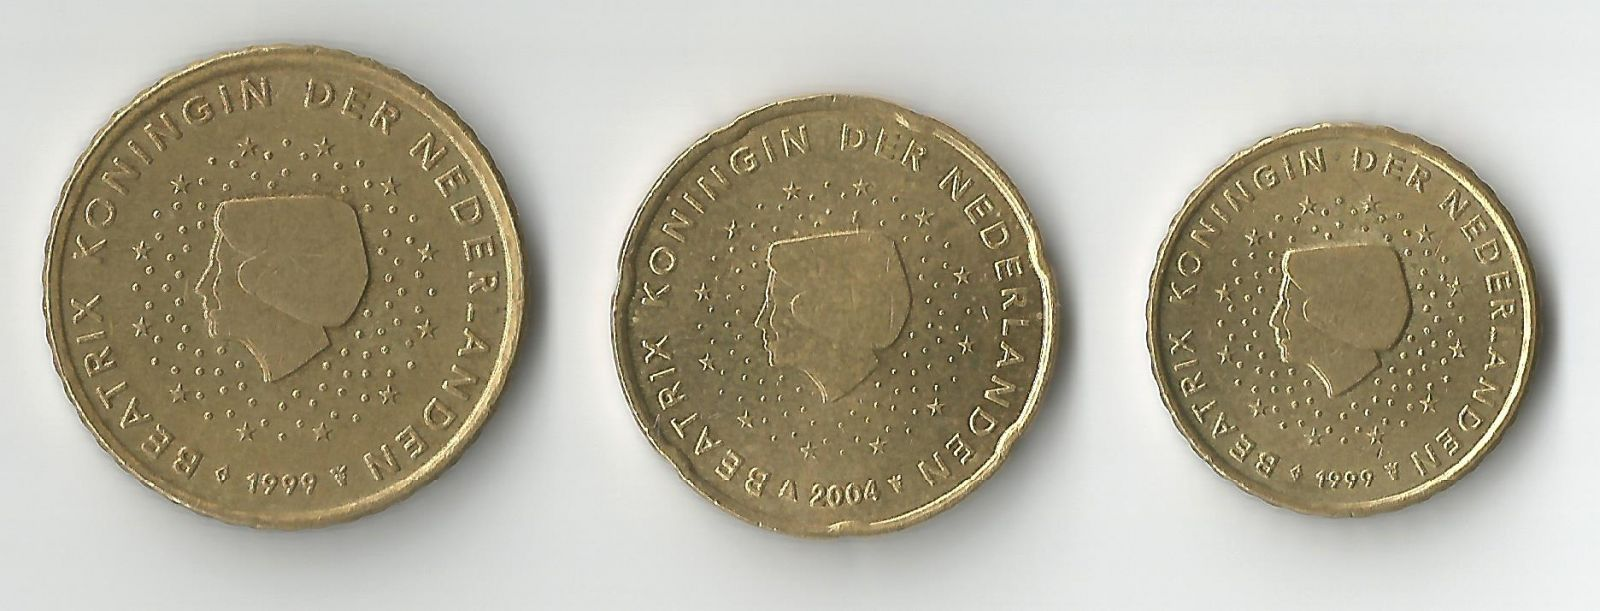 olanda 50,20,10 cent.jpg